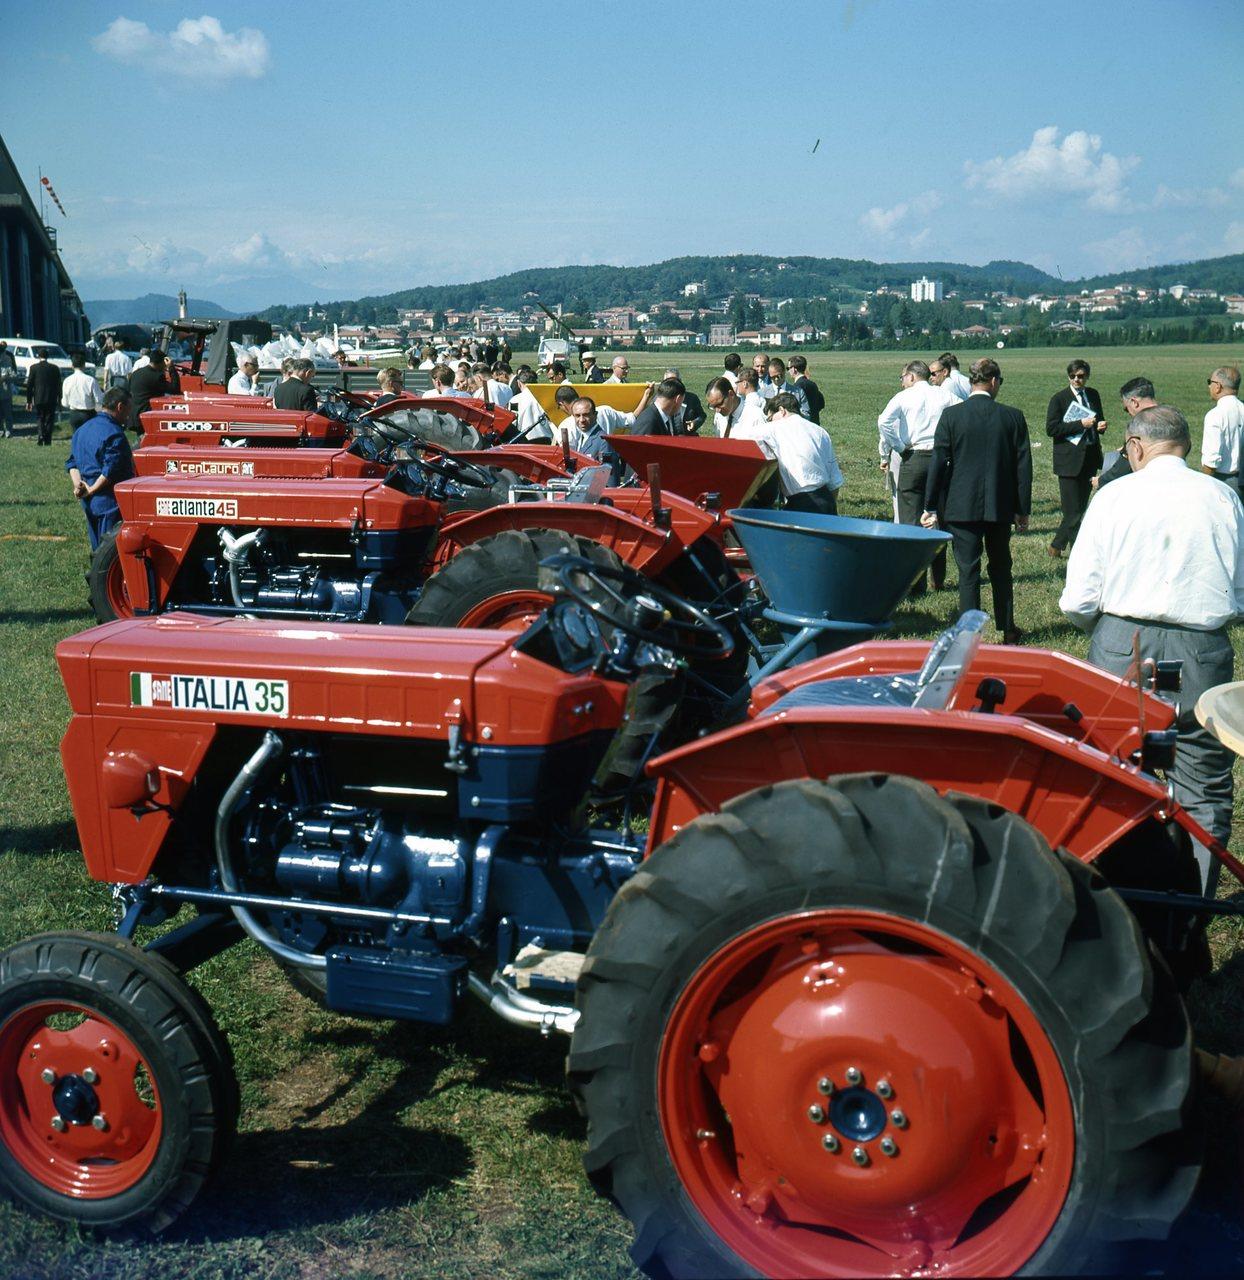 Veduta panoramica della manifestazione per la concimazione dei terreni presso lo stabilimento Siay - Marchetti (Vergiate - Varese), 6/9/67